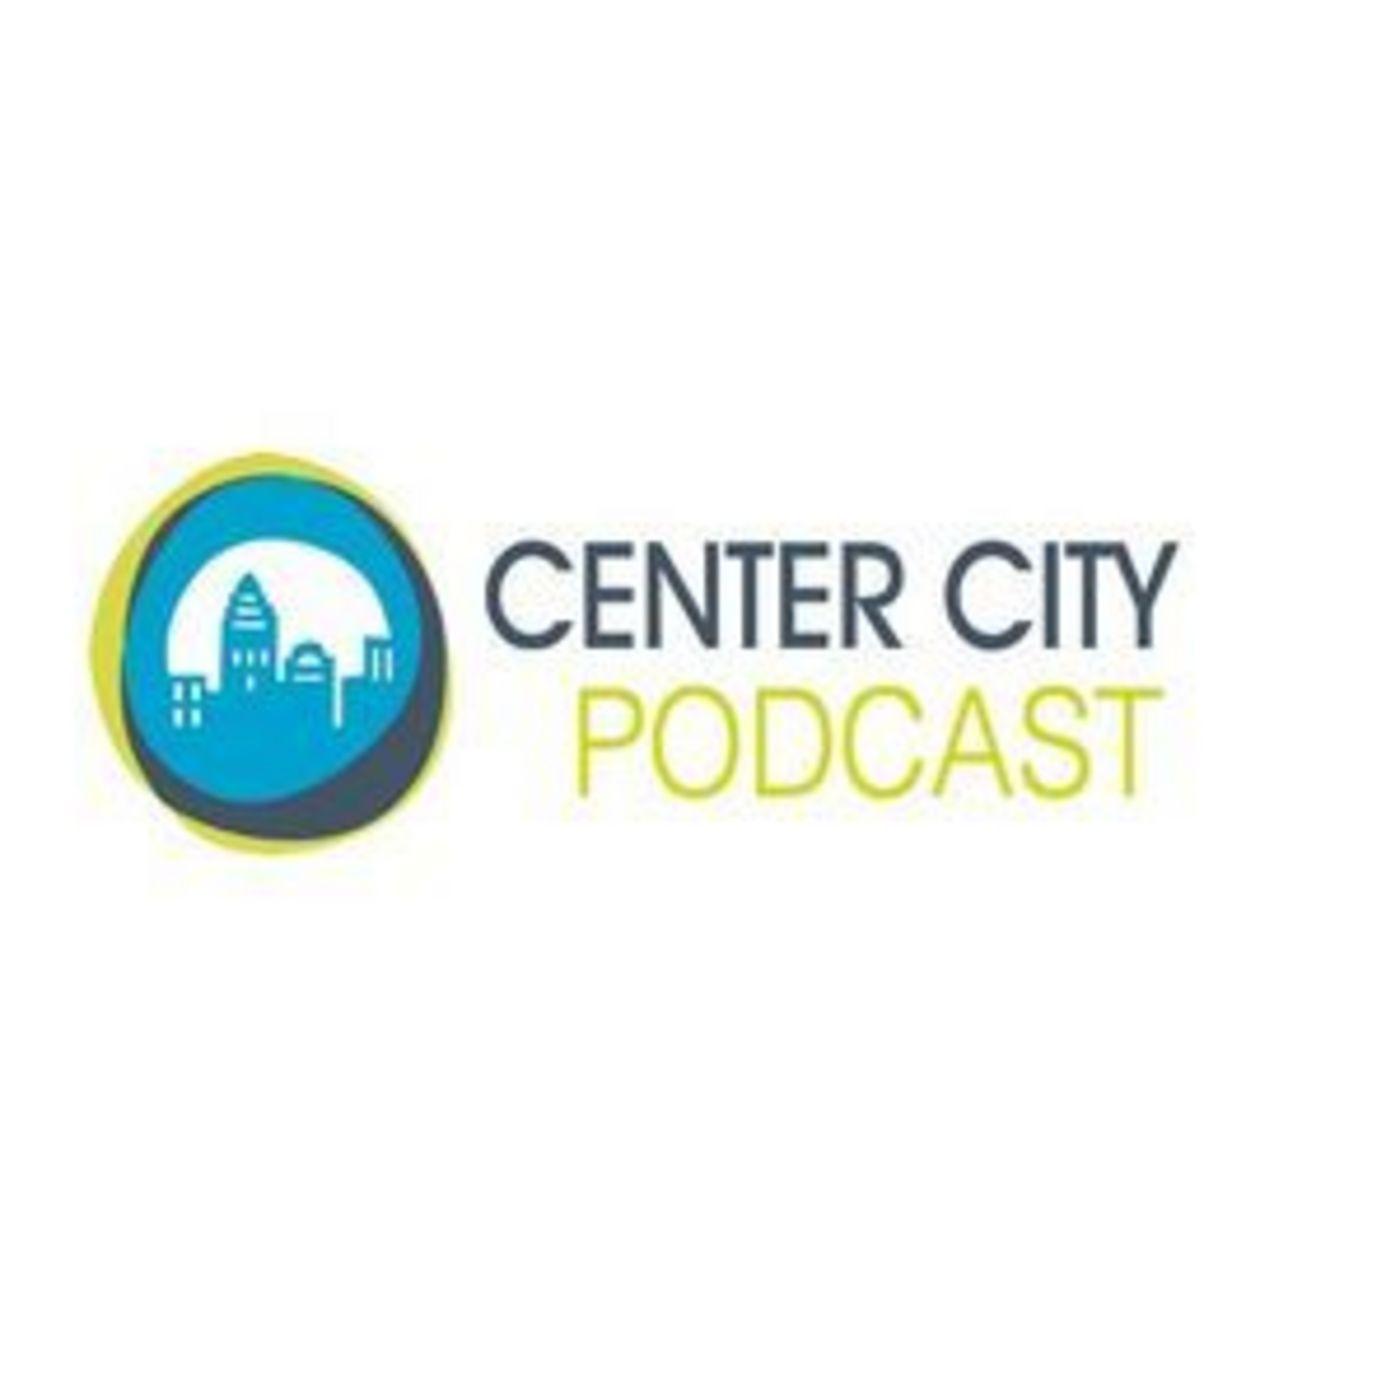 <![CDATA[Center City Podcast]]>